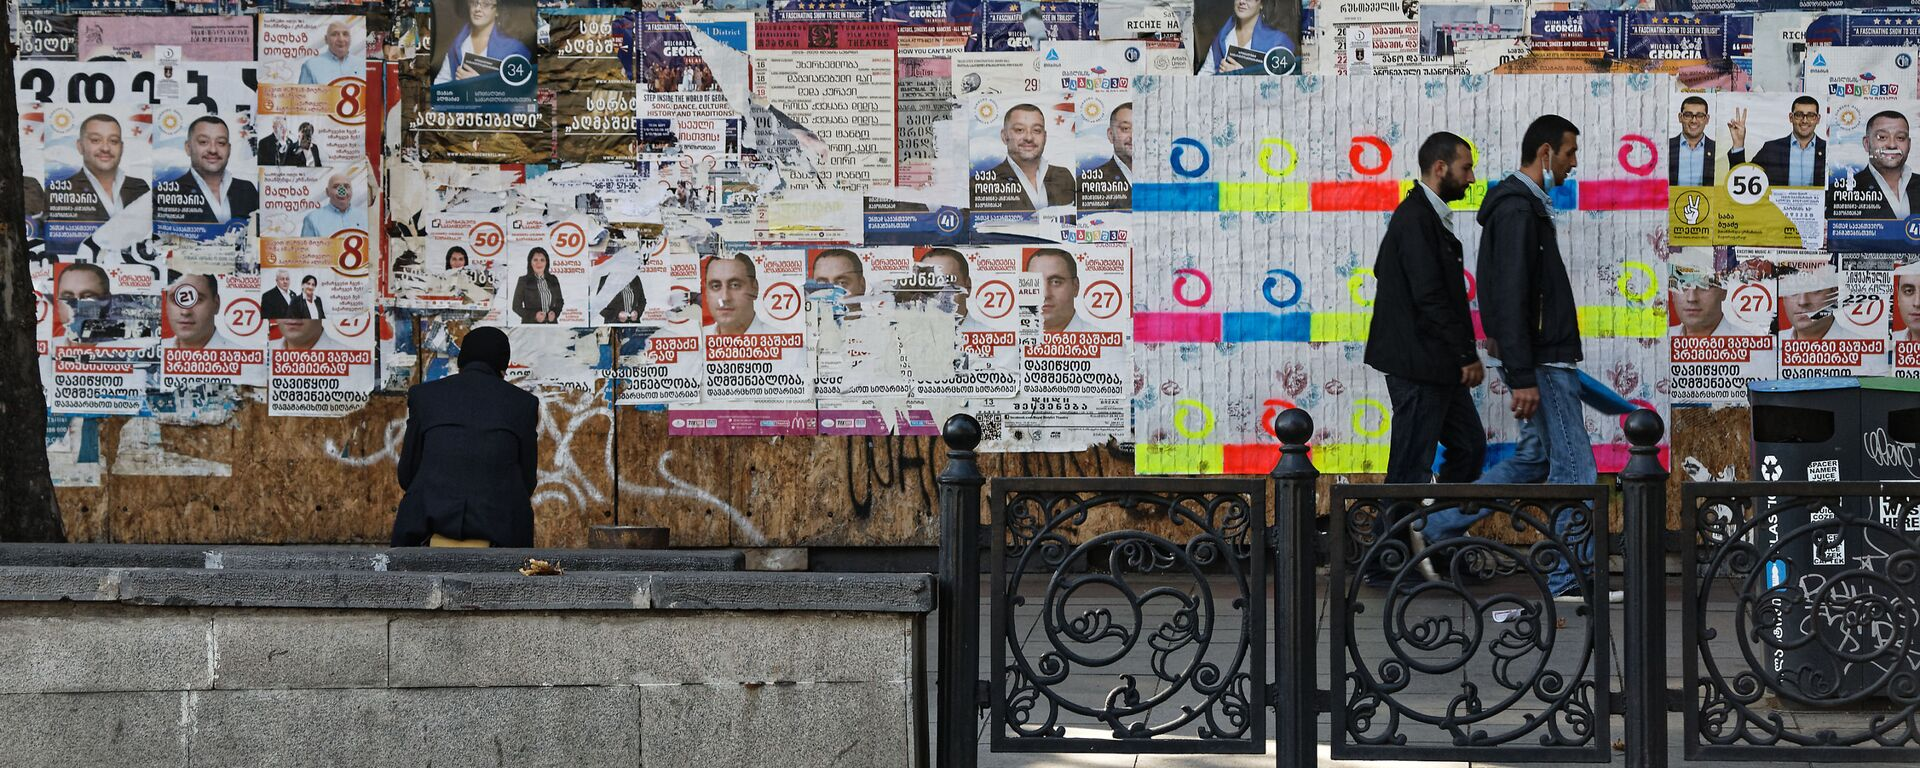 Предвыборная символика. Расклеенные на улице плакаты разных партий - Sputnik Грузия, 1920, 21.09.2021